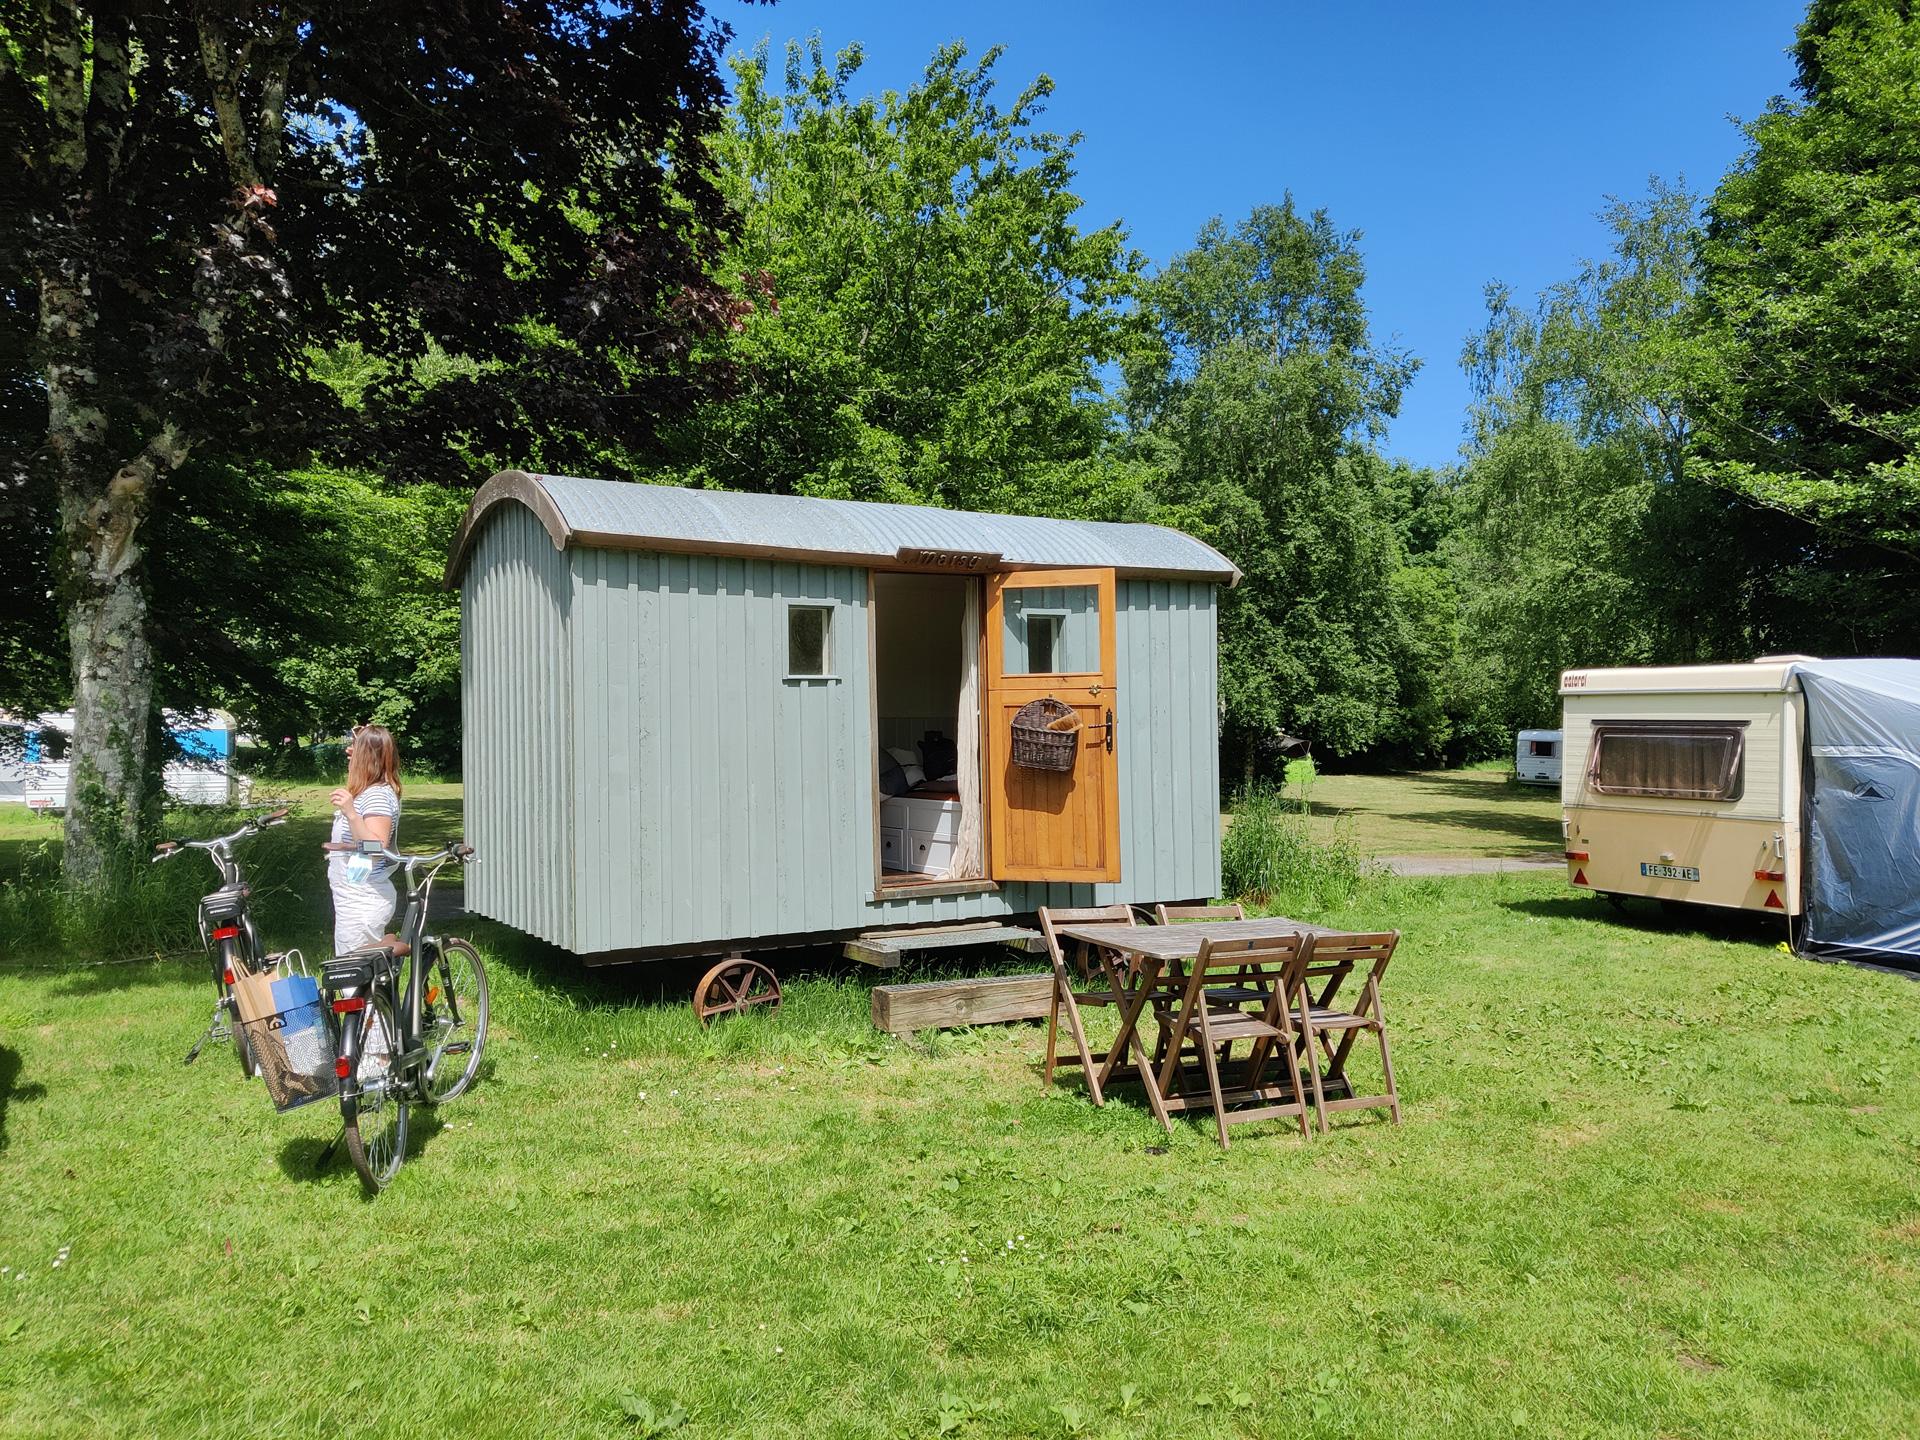 Le camping Accueil de Gouarec le long de la Vélodyssée